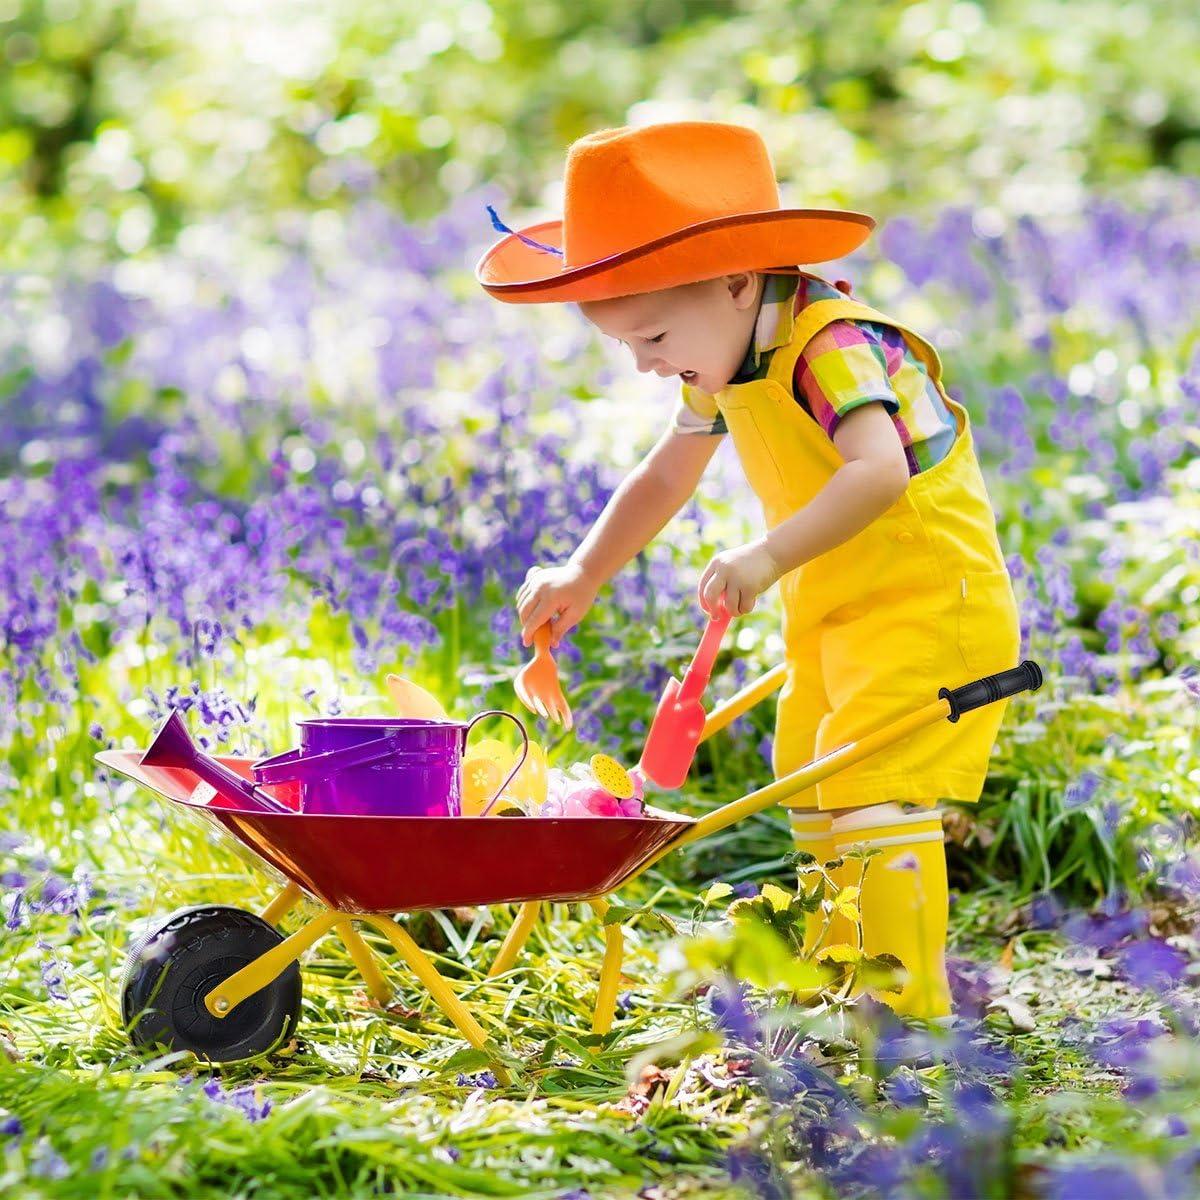 Metal Wheelbarrow Eco Friendly Kids Garden Light Weight Play Outdoor NEW